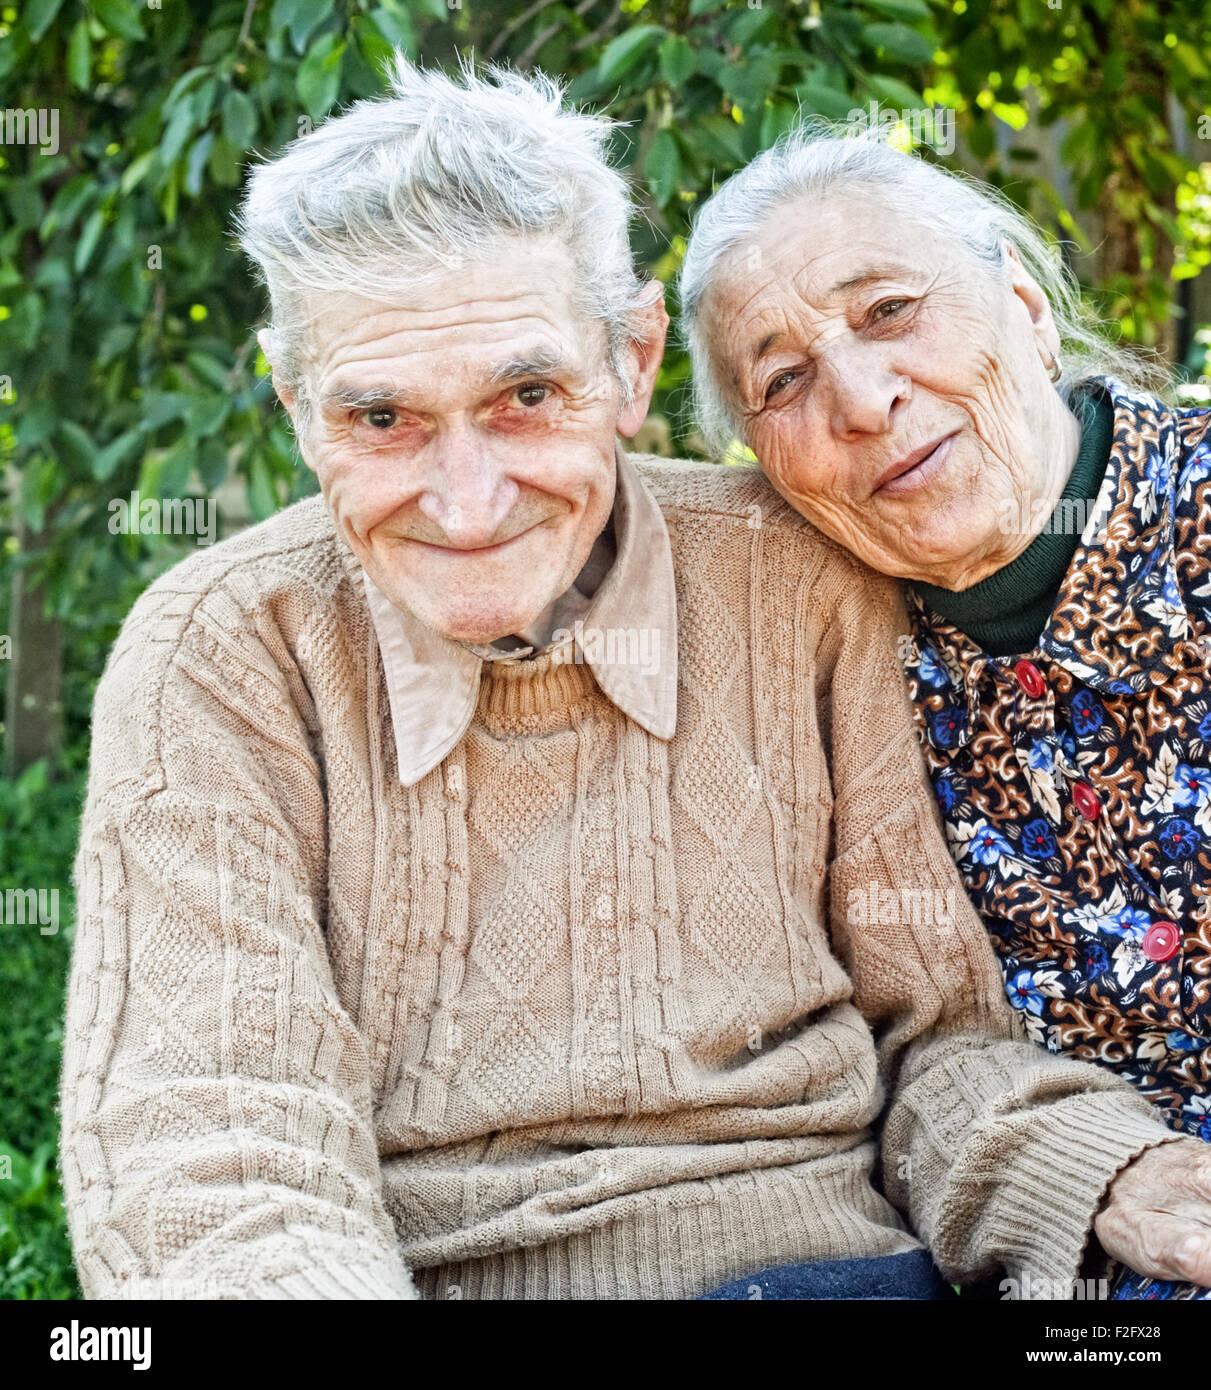 Heureux et joyeux vieux couple outdoor Photo Stock